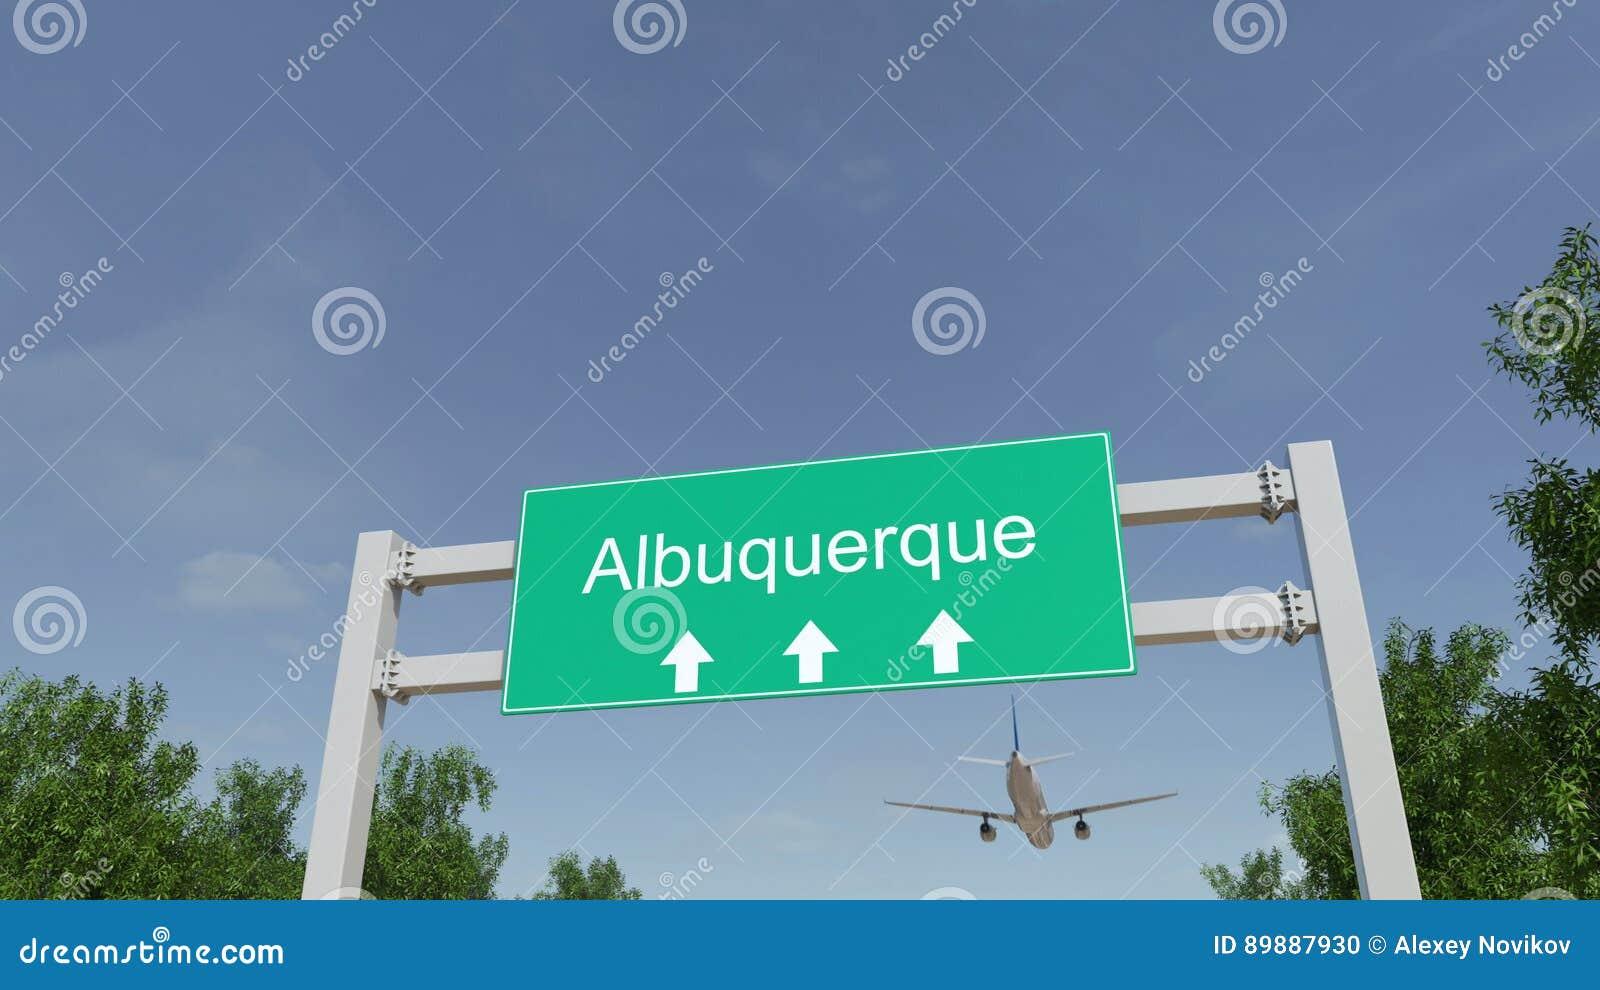 Samolot przyjeżdża Albuquerque lotnisko Podróżować Stany Zjednoczone konceptualny 3D rendering